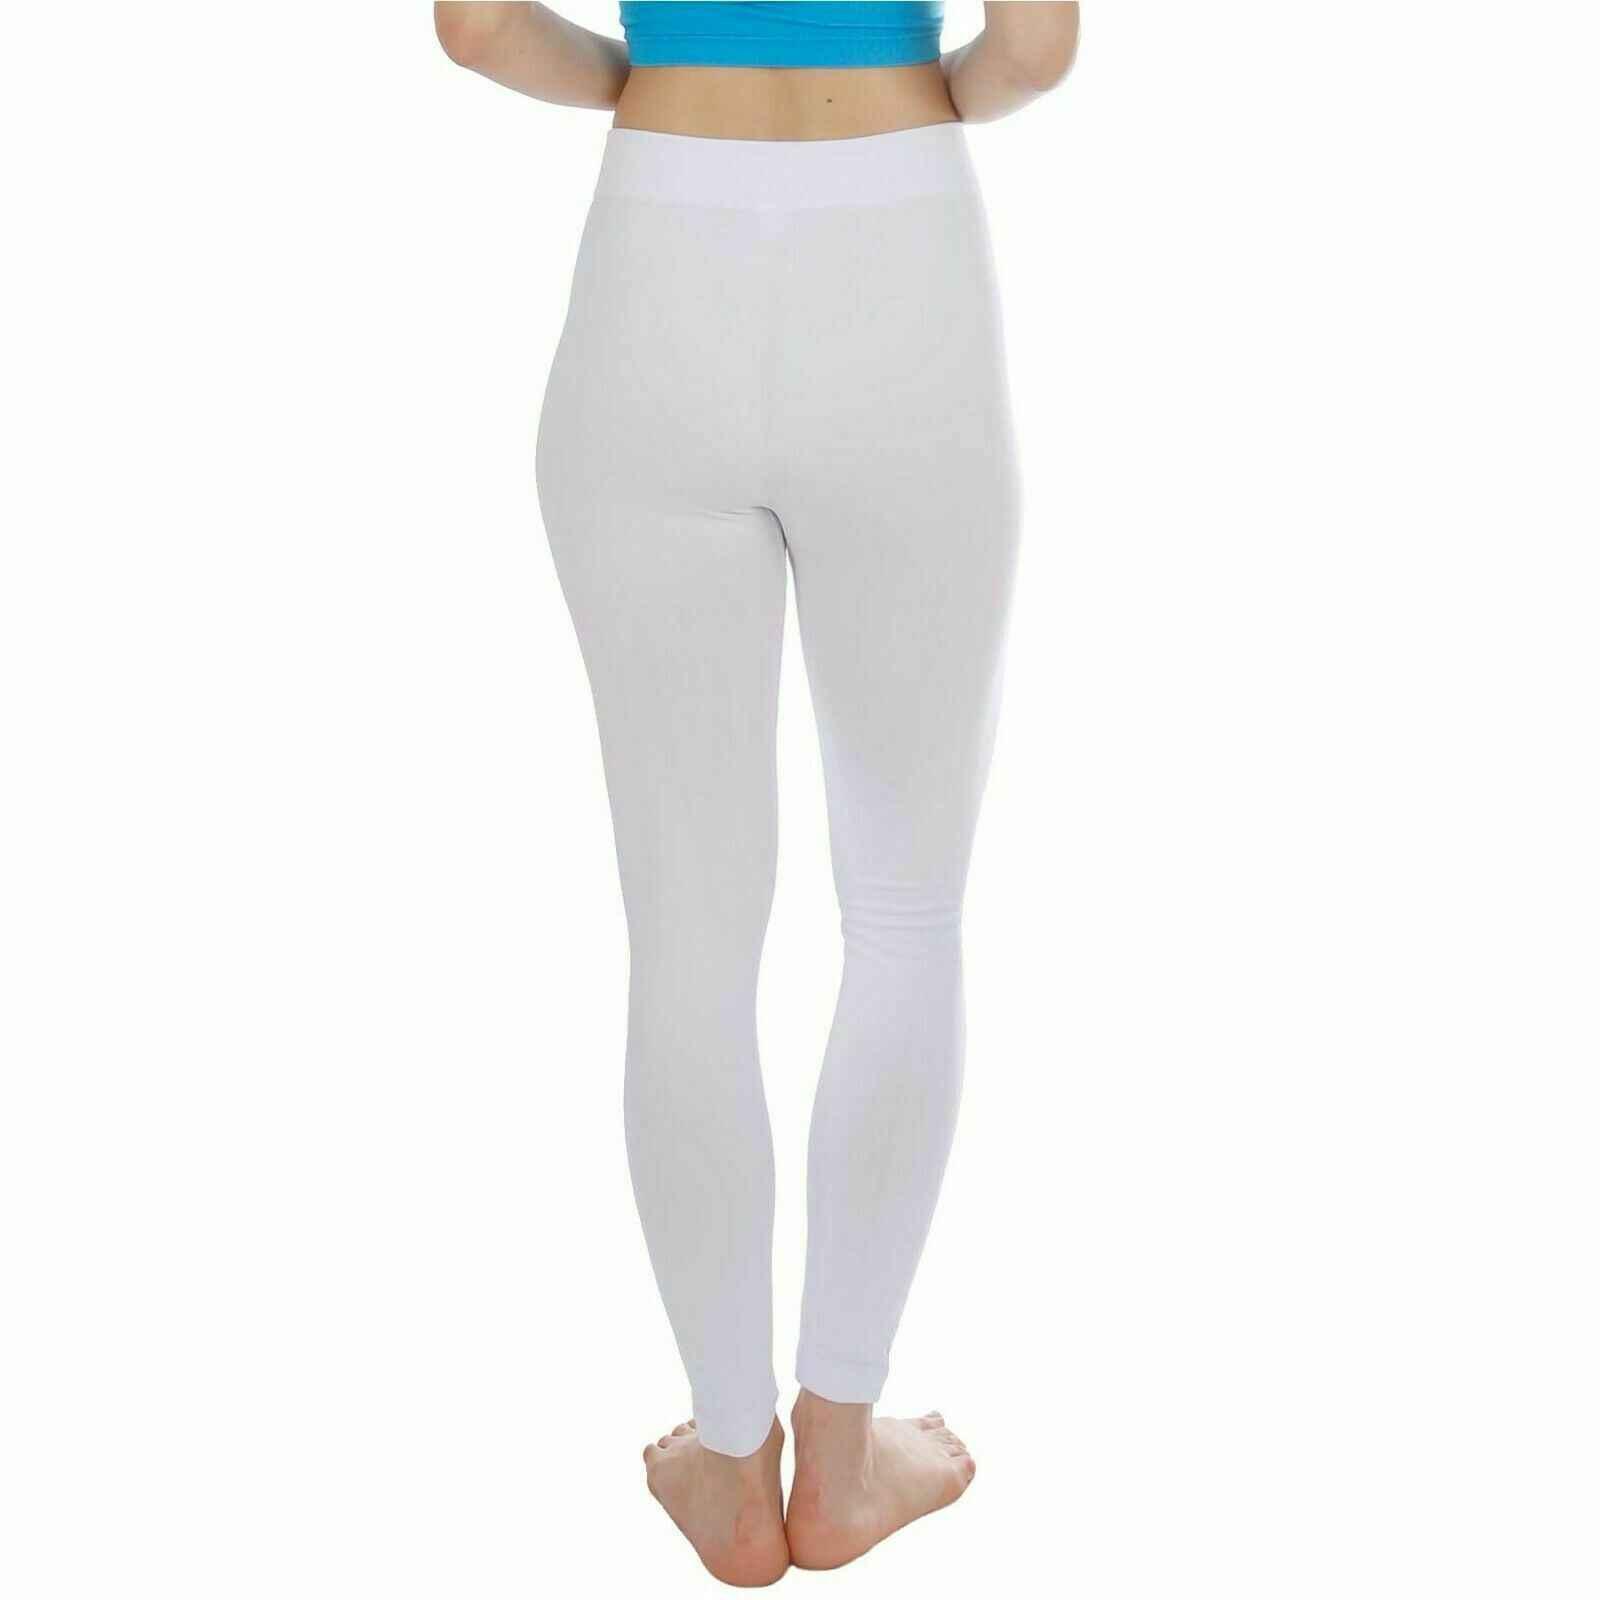 Neue Mode Für Frauen Damen Herbst Winter Warm Stretch Leggings Voller Länge Dünne Legging Workout Push-Up Hosen Schwarz Weiß